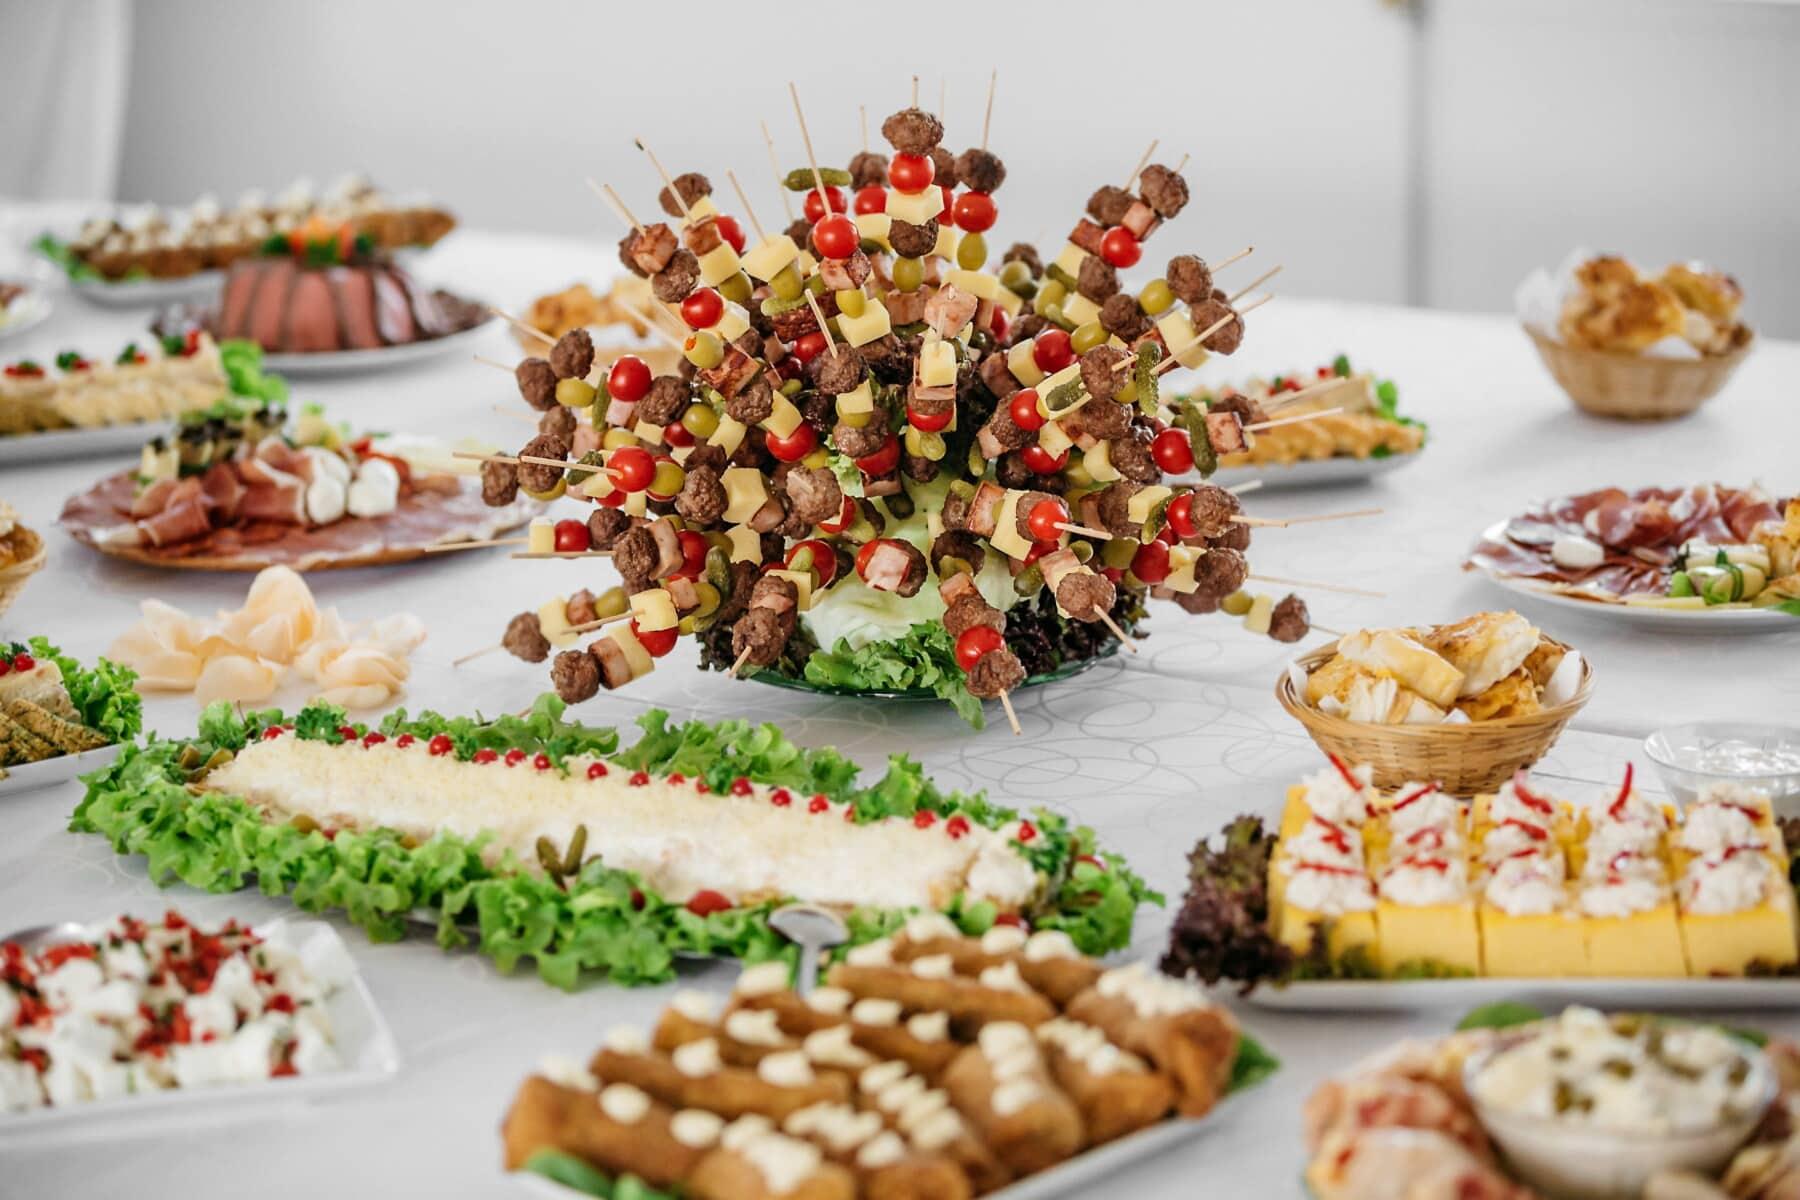 alimentaire, apéritif, banquet, buffet, dîner, Conseil d'administration, repas, déjeuner, délicieux, le petit déjeuner